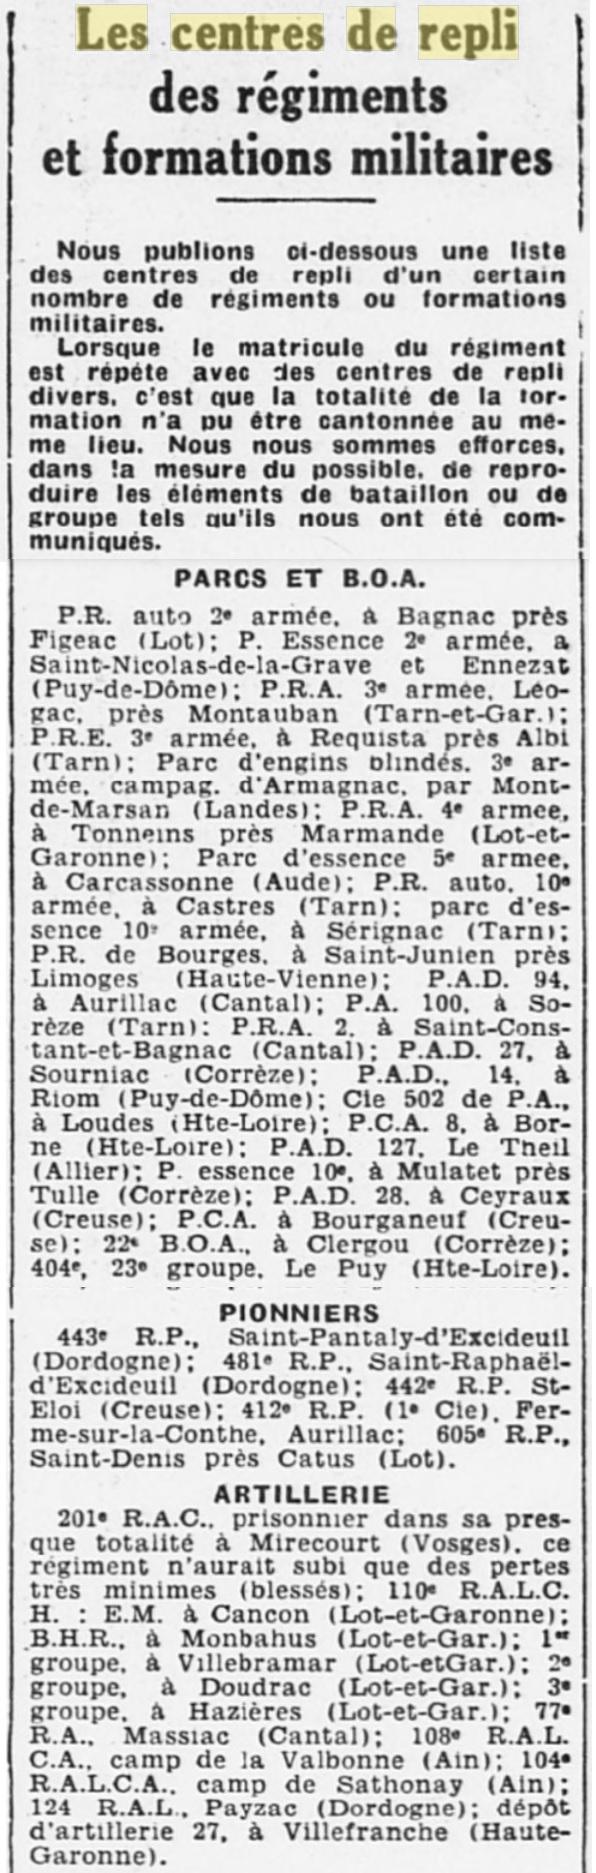 Liste des centres de repli des unités françaises 19400819